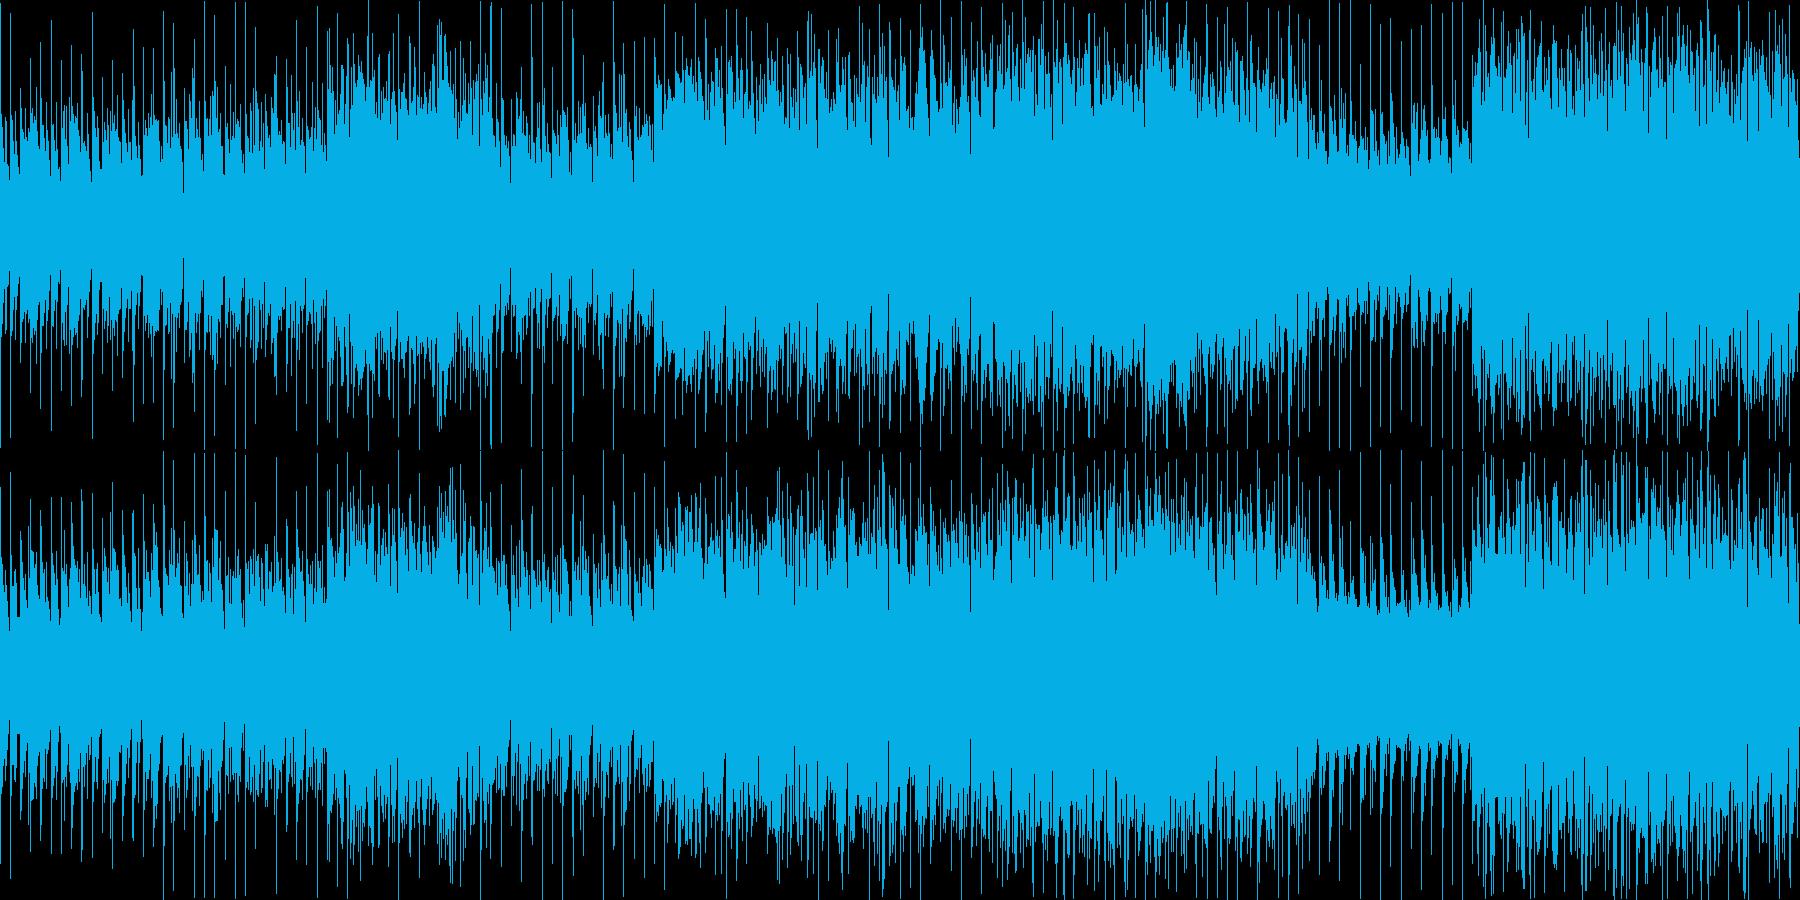 【ループ用】ダンジョン等、ゲームBGMの再生済みの波形